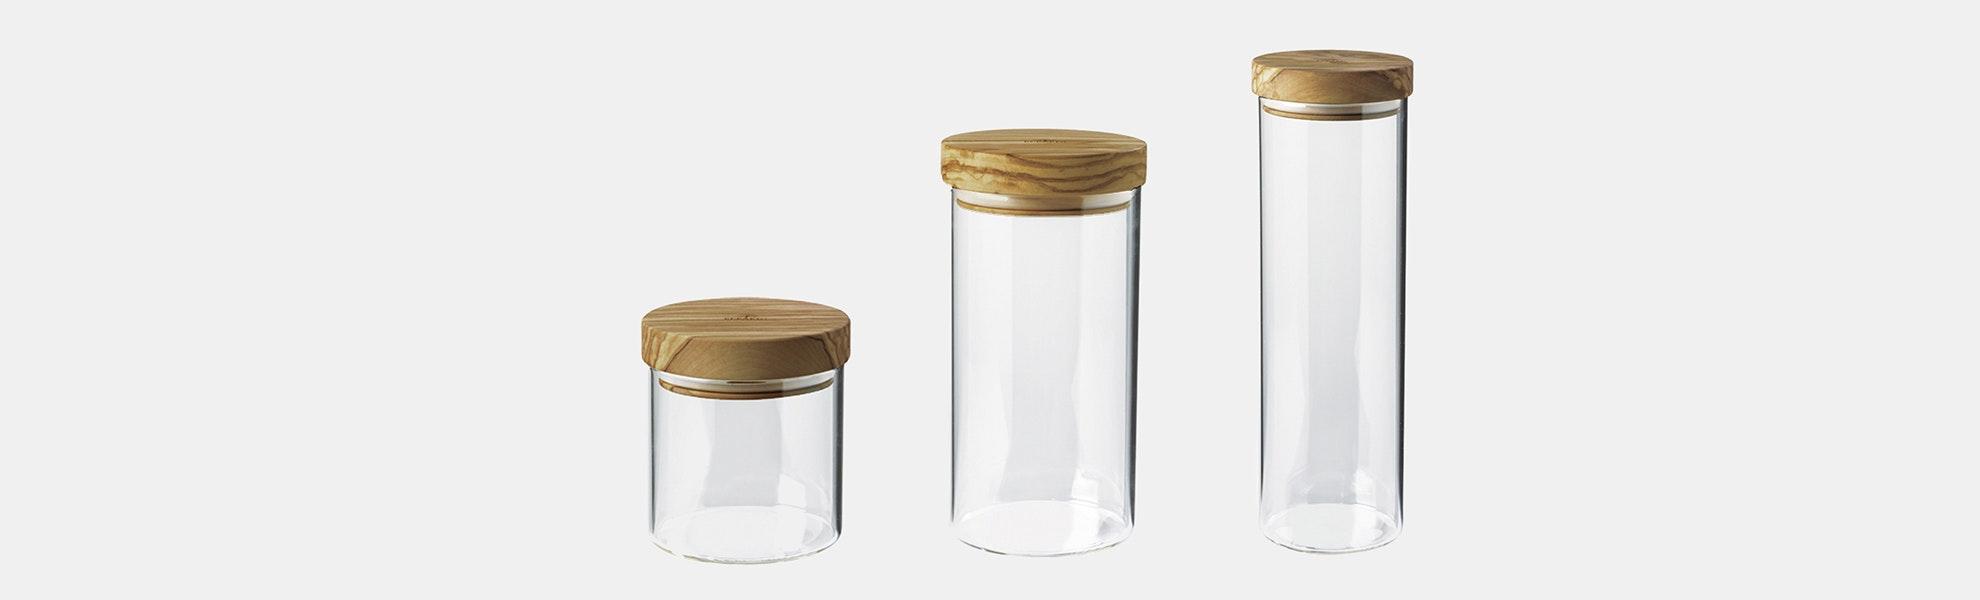 Berard Glass Storage Jars w/ Olivewood Lids